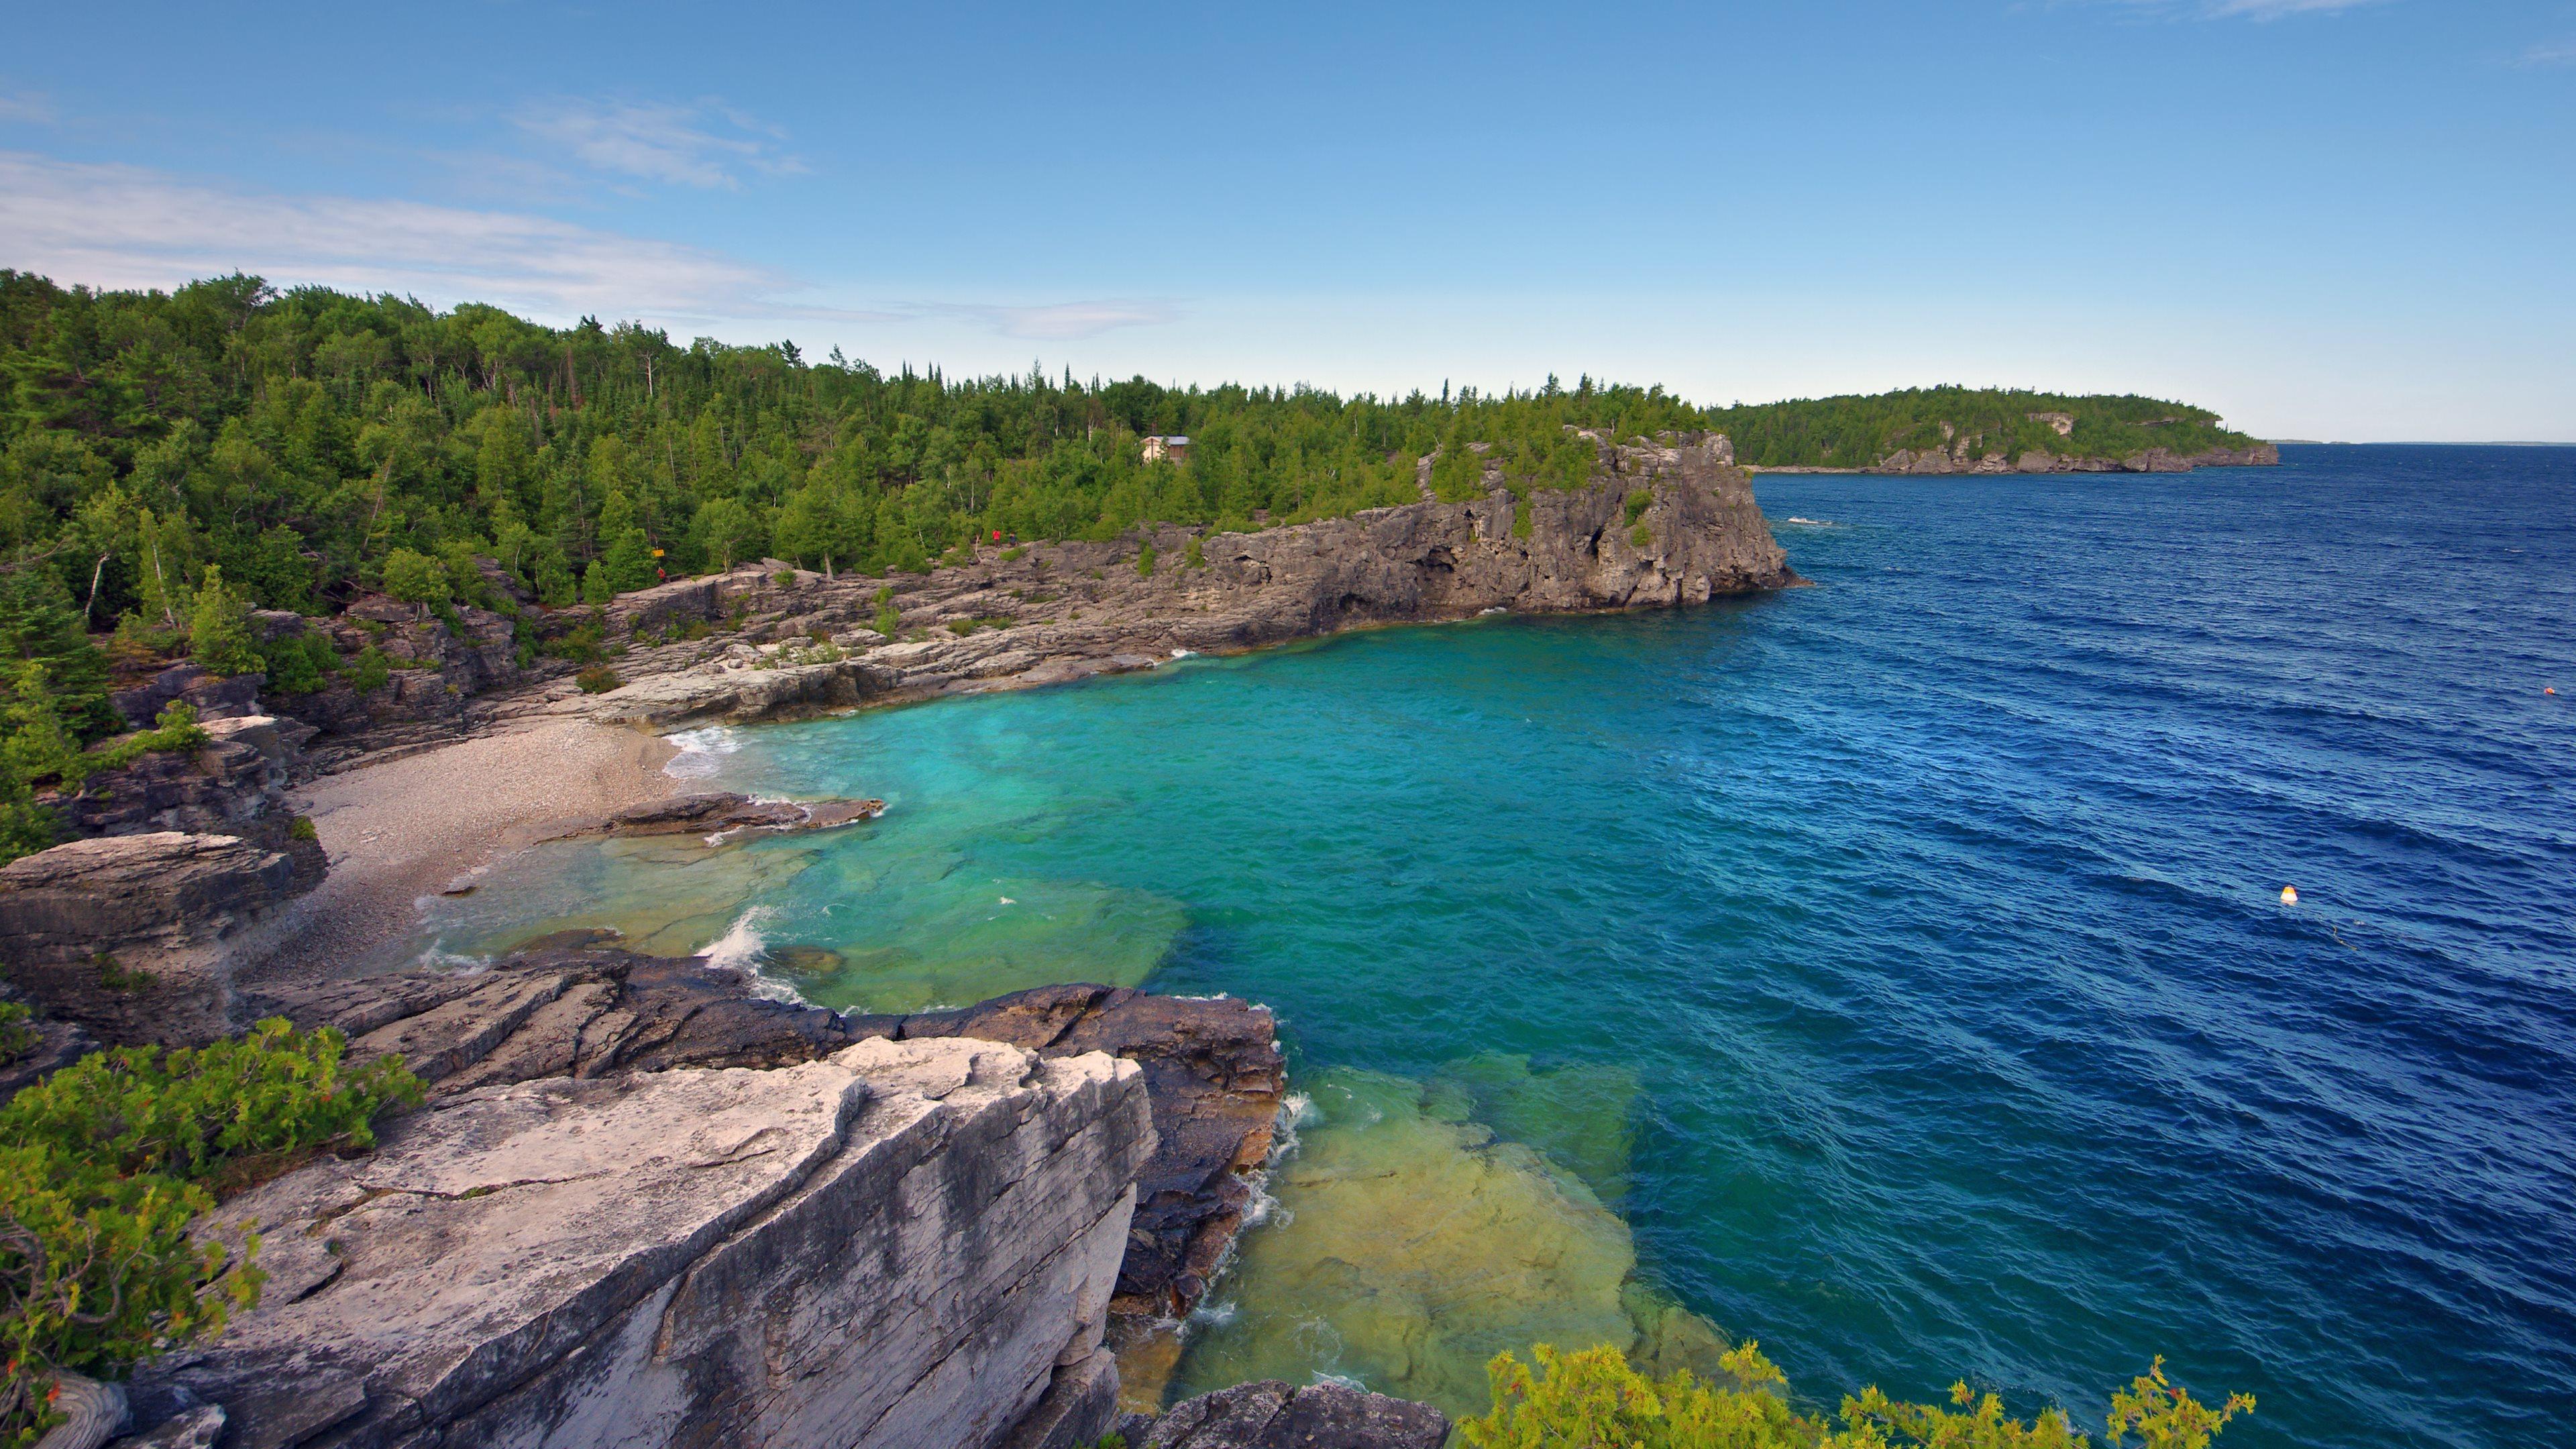 Earth   Coastline Seascape Wallpaper 3840x2160